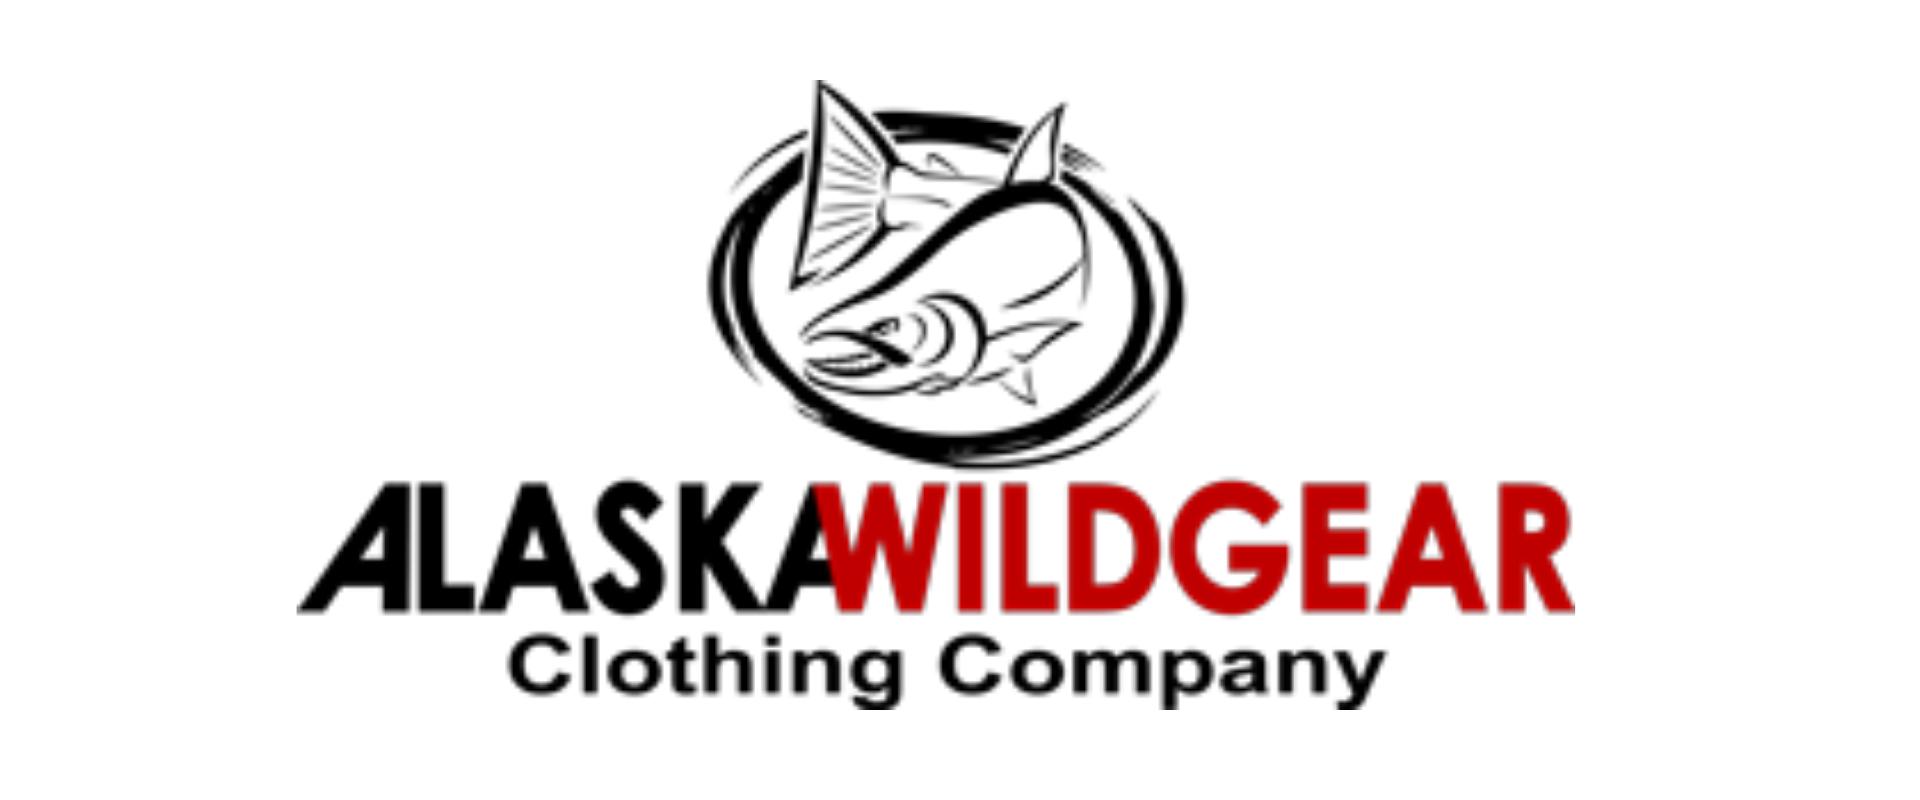 Alaska Wildgear Clothing Company